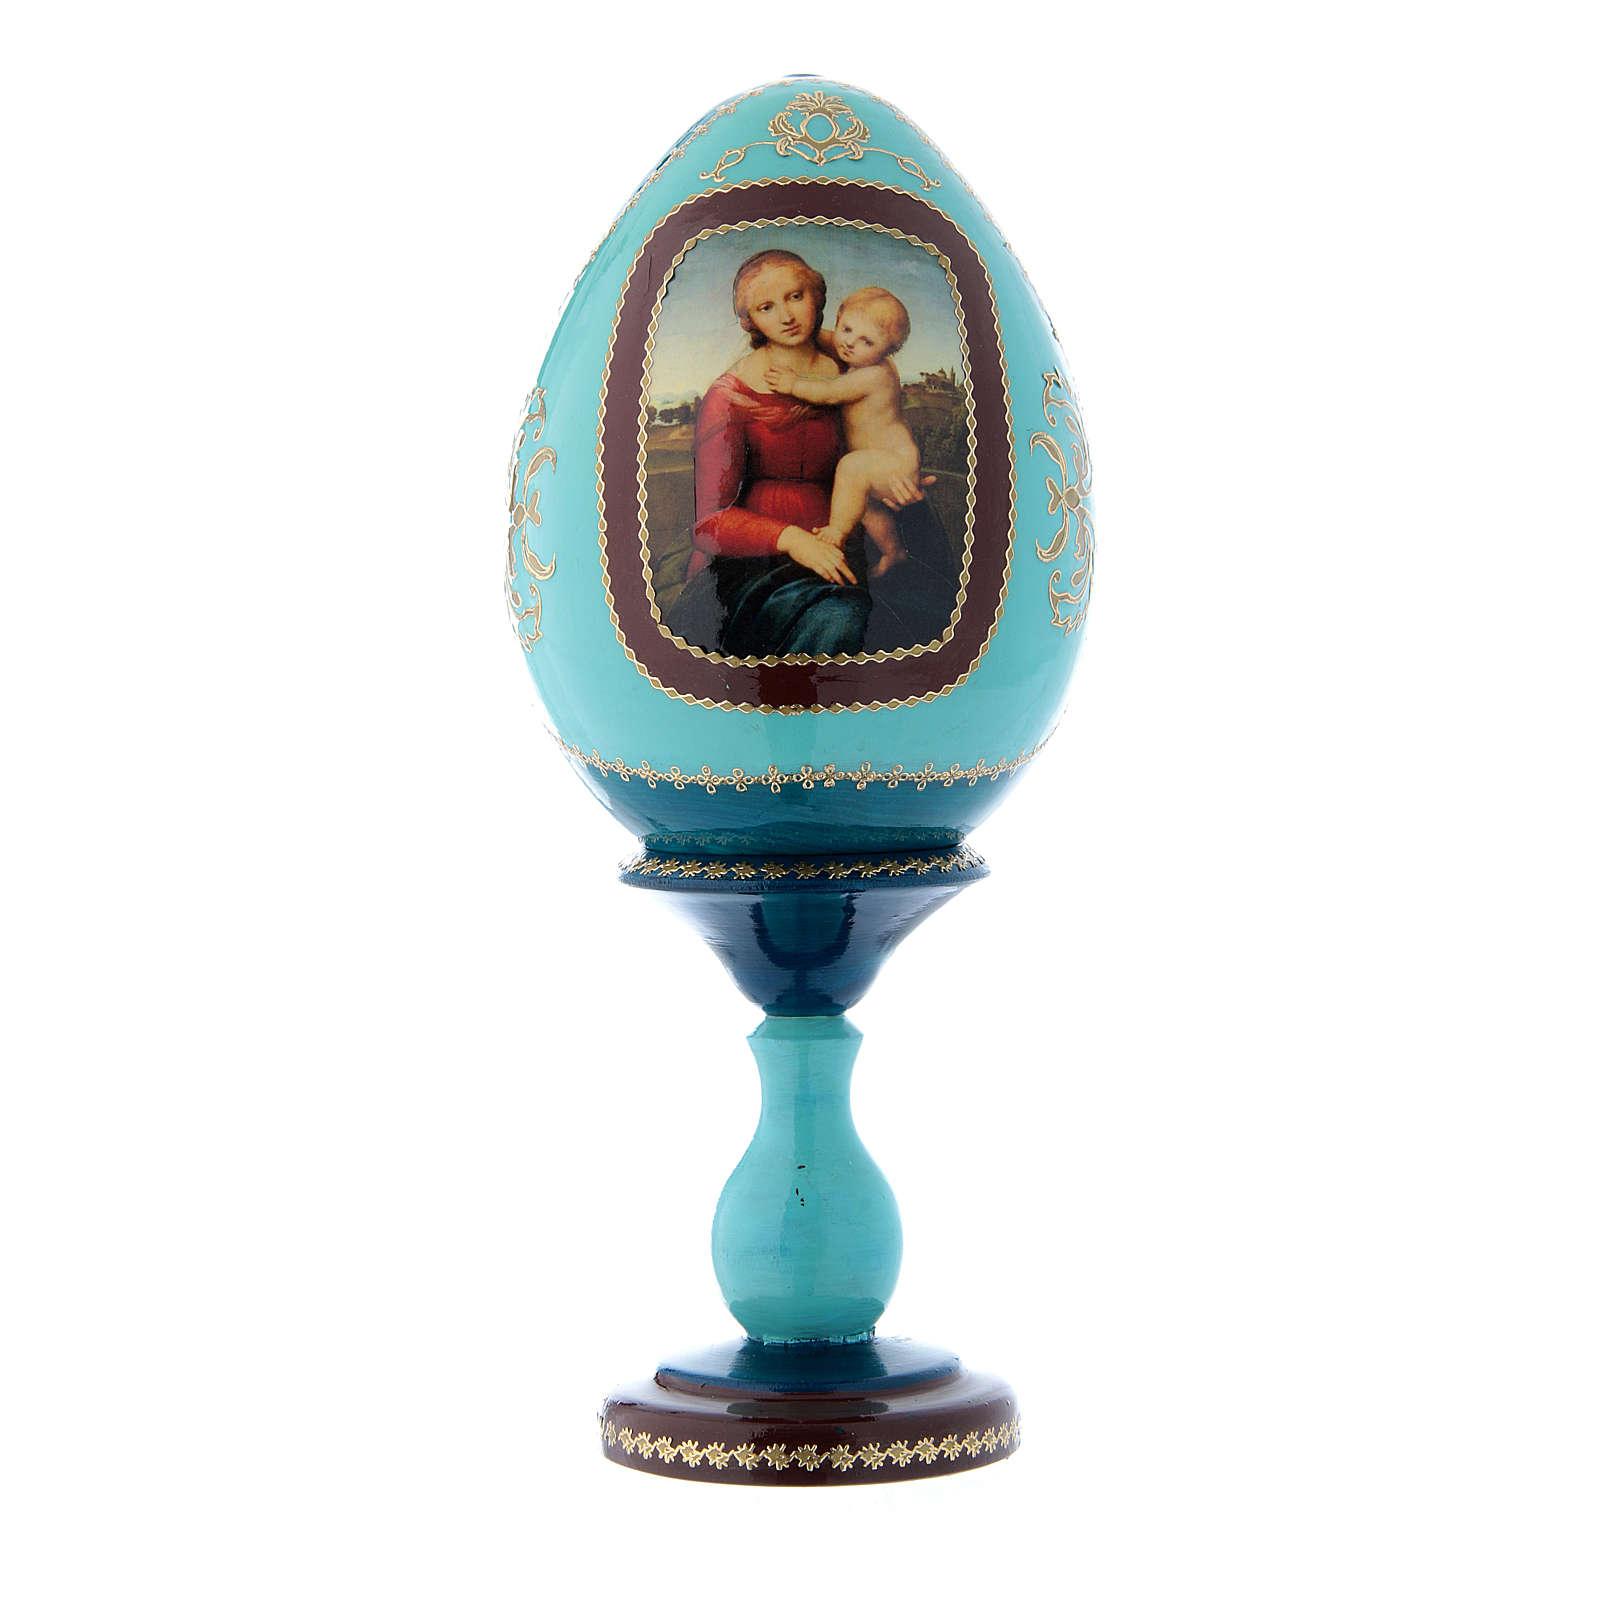 Oeuf bleu russe décoré main La Petite Madone Cowper h tot 20 cm 4